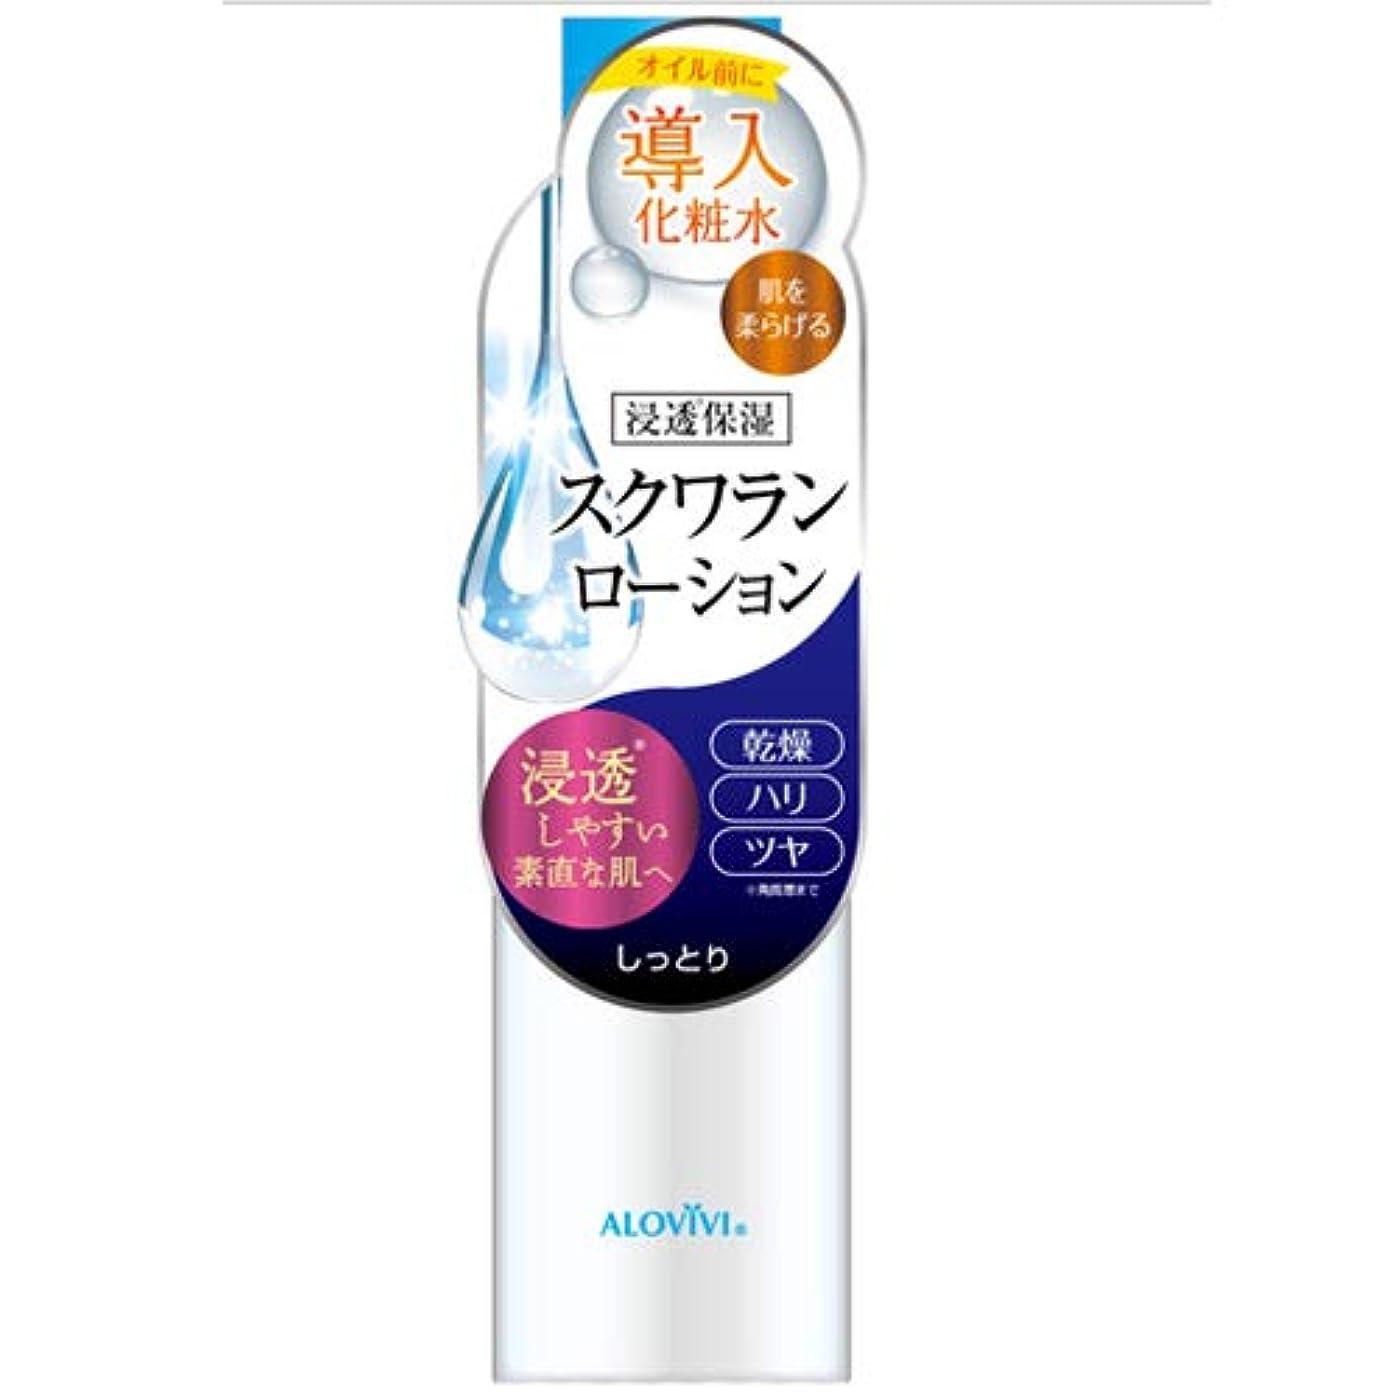 独占印象派引く東京アロエ スクワランローション 化粧水 200ml